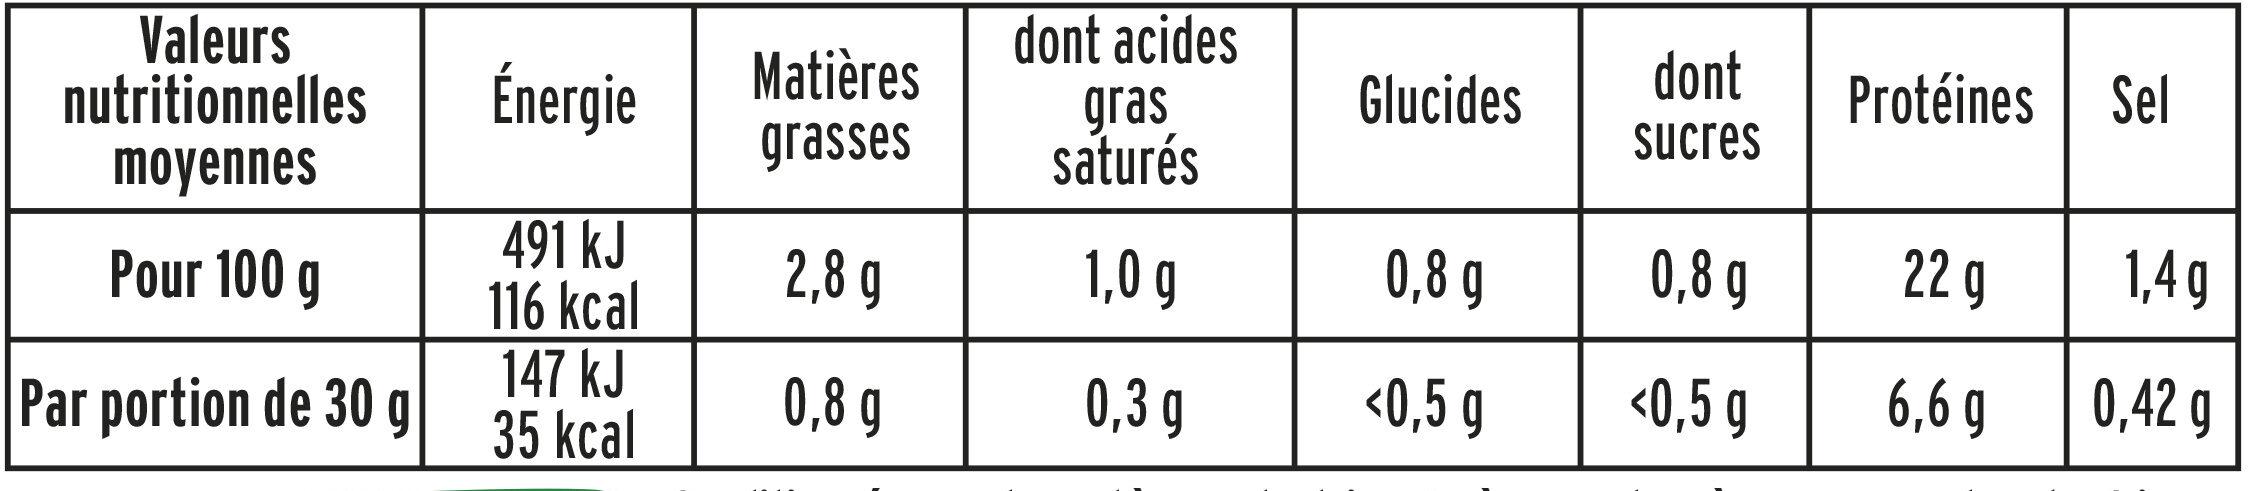 Le supérieur cuit à l'étouffée - tranches fines - 25% de sel * - 6 tranches - Nutrition facts